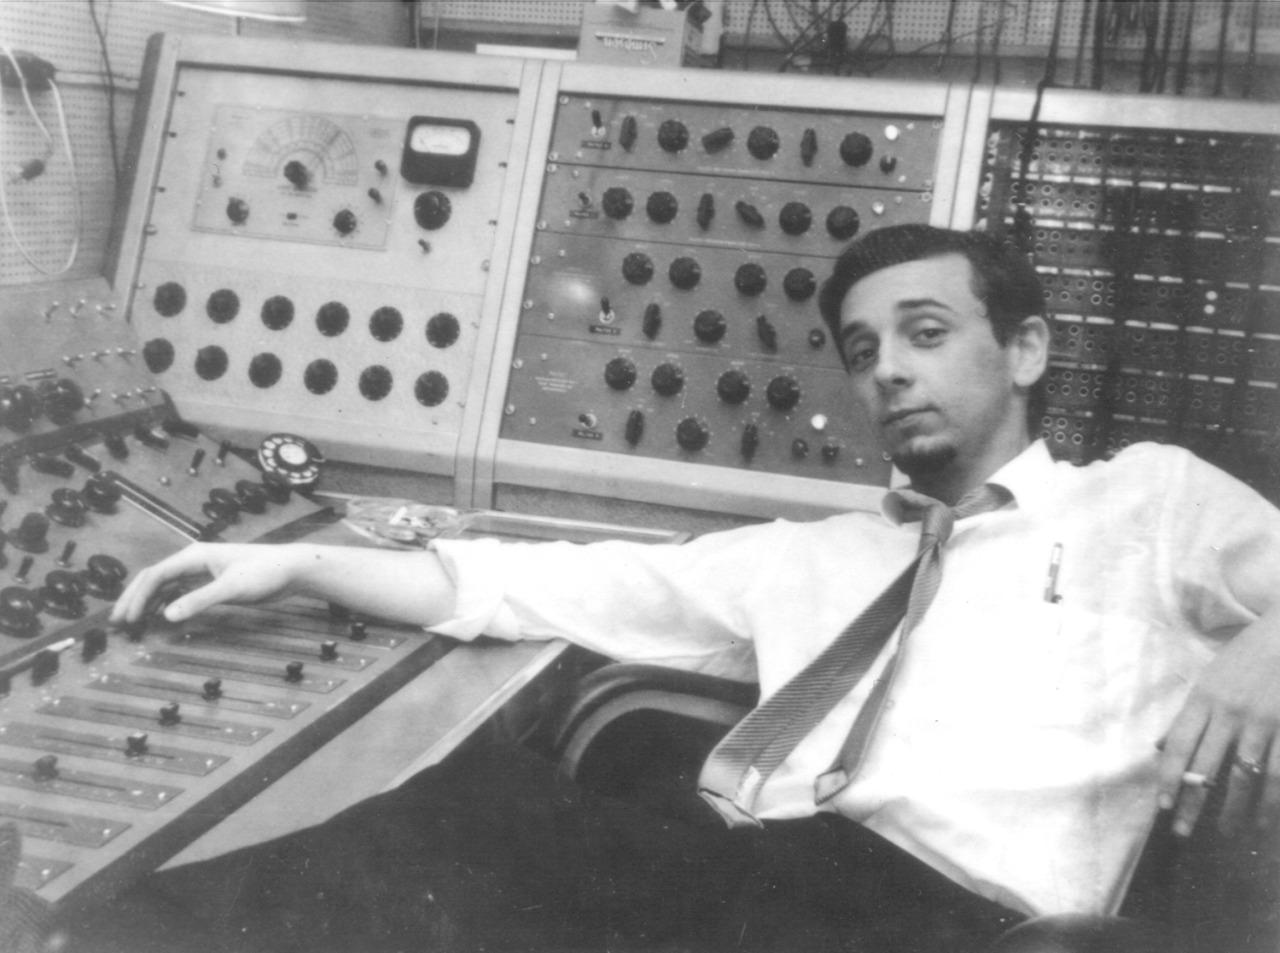 Murió el legendario productor musical Phil Spector a los 81 años